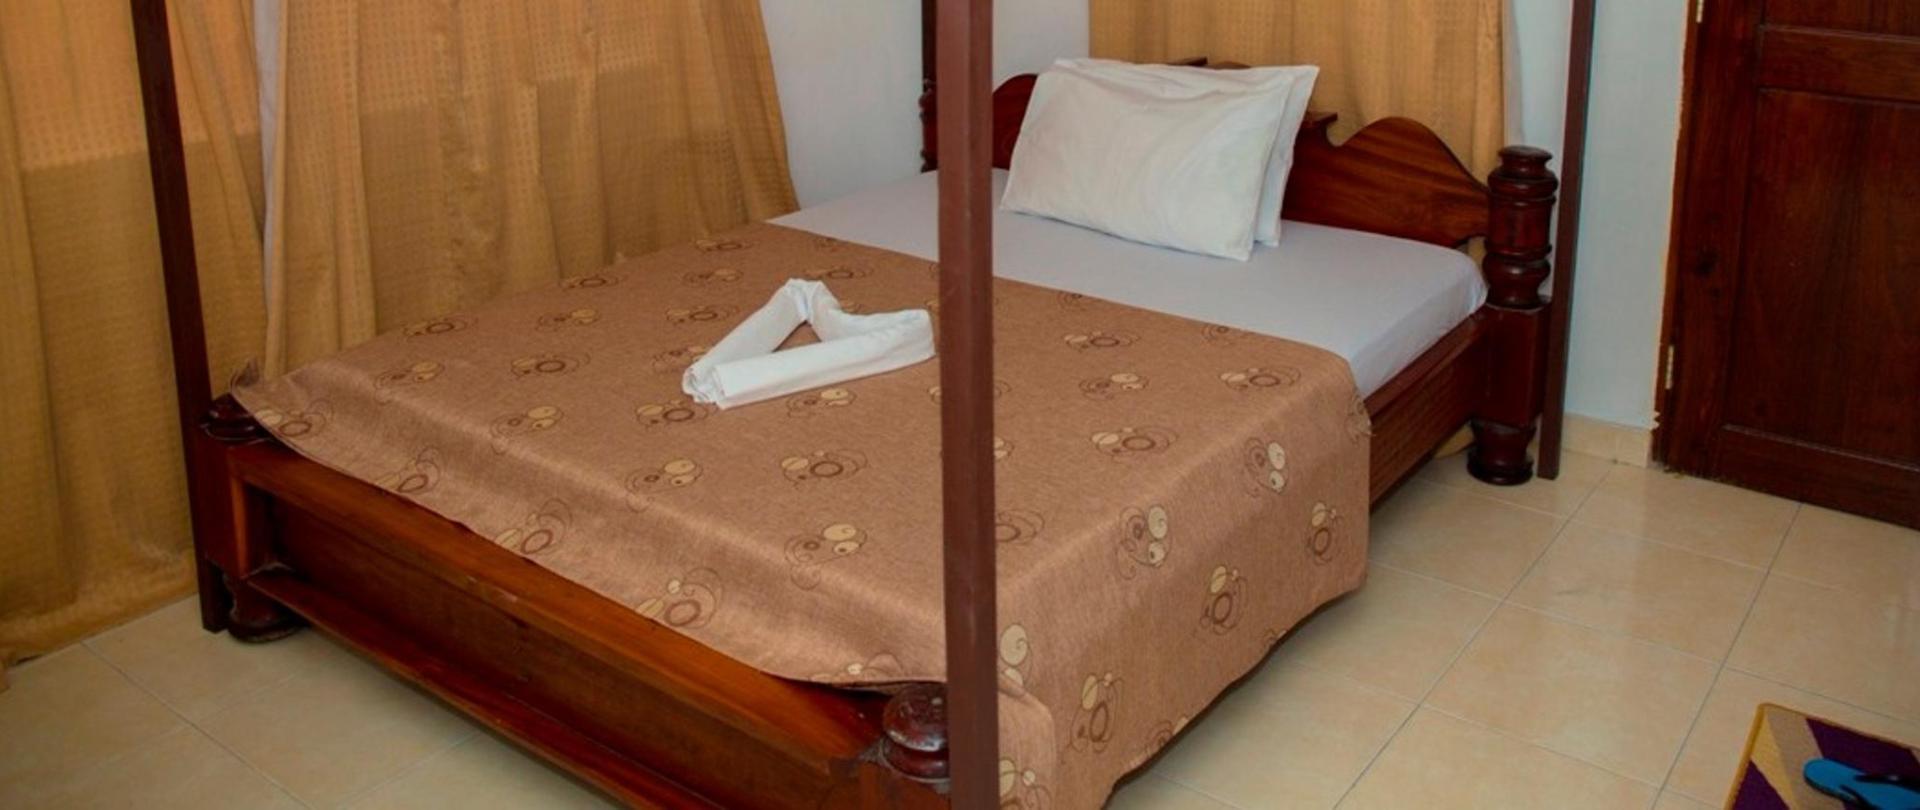 MIKOCHENI CONDO HOTEL079.jpg